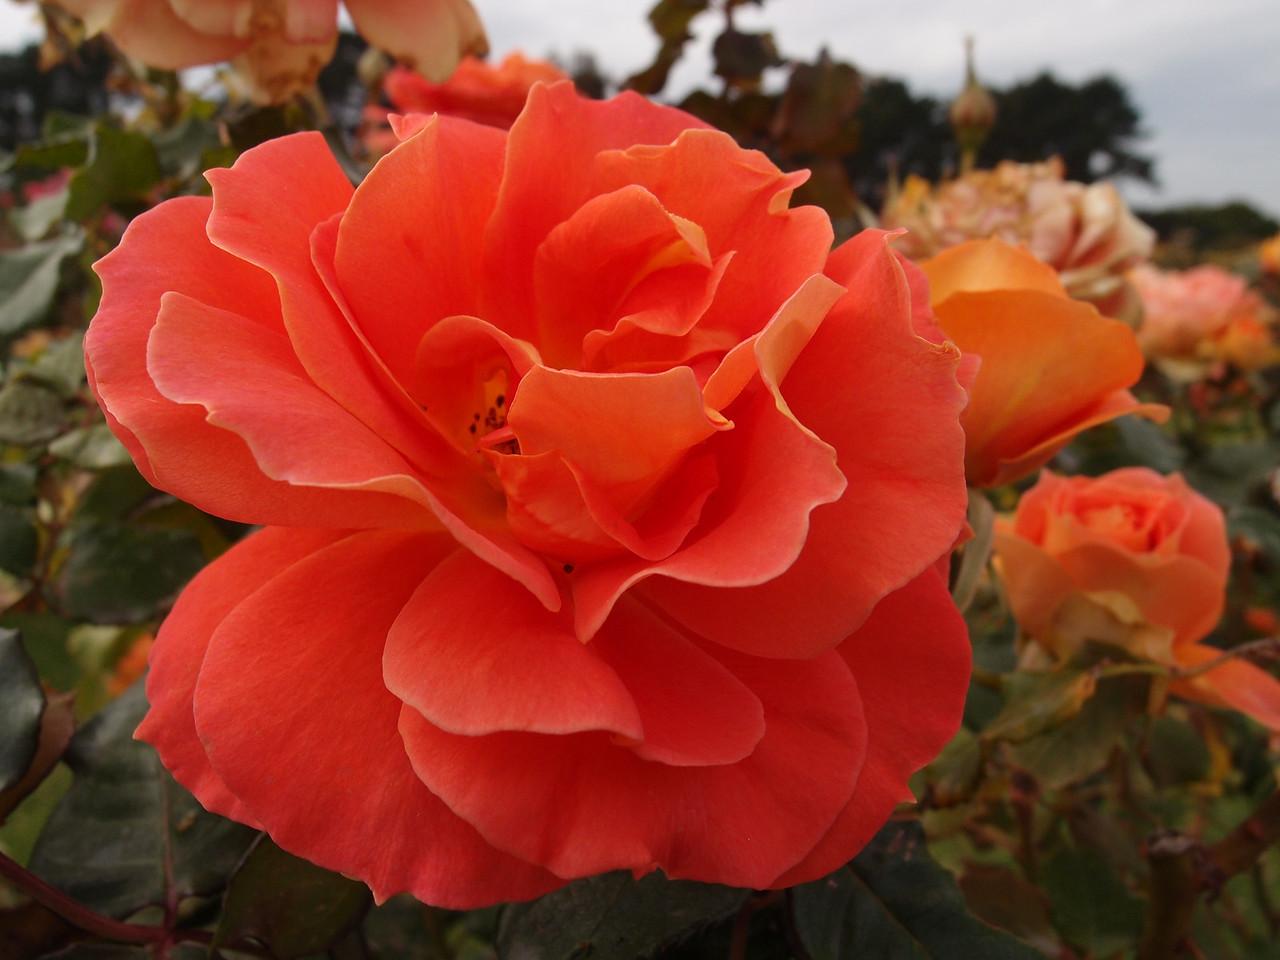 20120419_1219_0199 rose